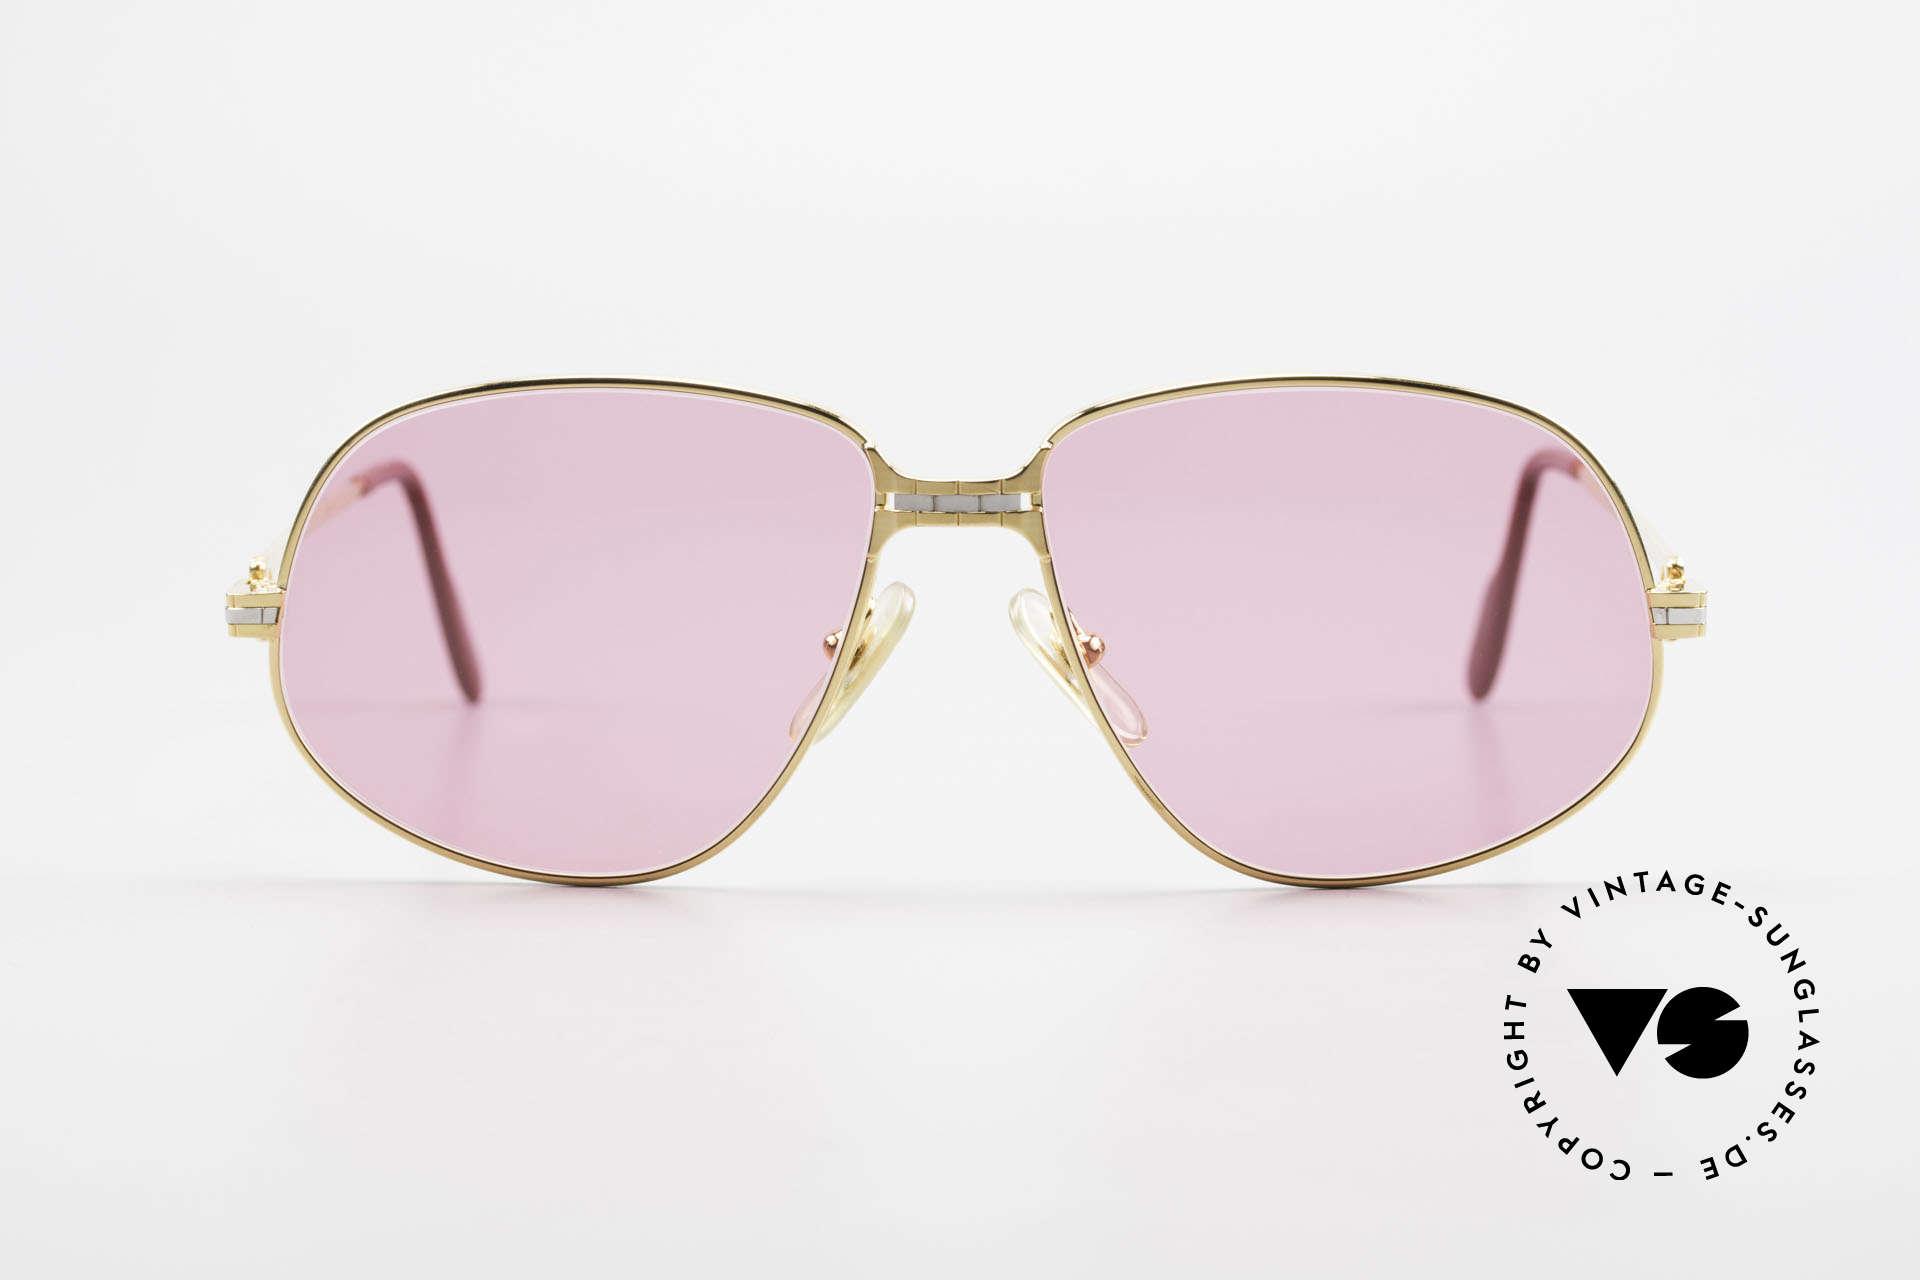 Cartier Panthere G.M. - M Pinke Brille mit Chanel Etui, wurde 1988 veröffentlicht und dann bis 1997 produziert, Passend für Herren und Damen